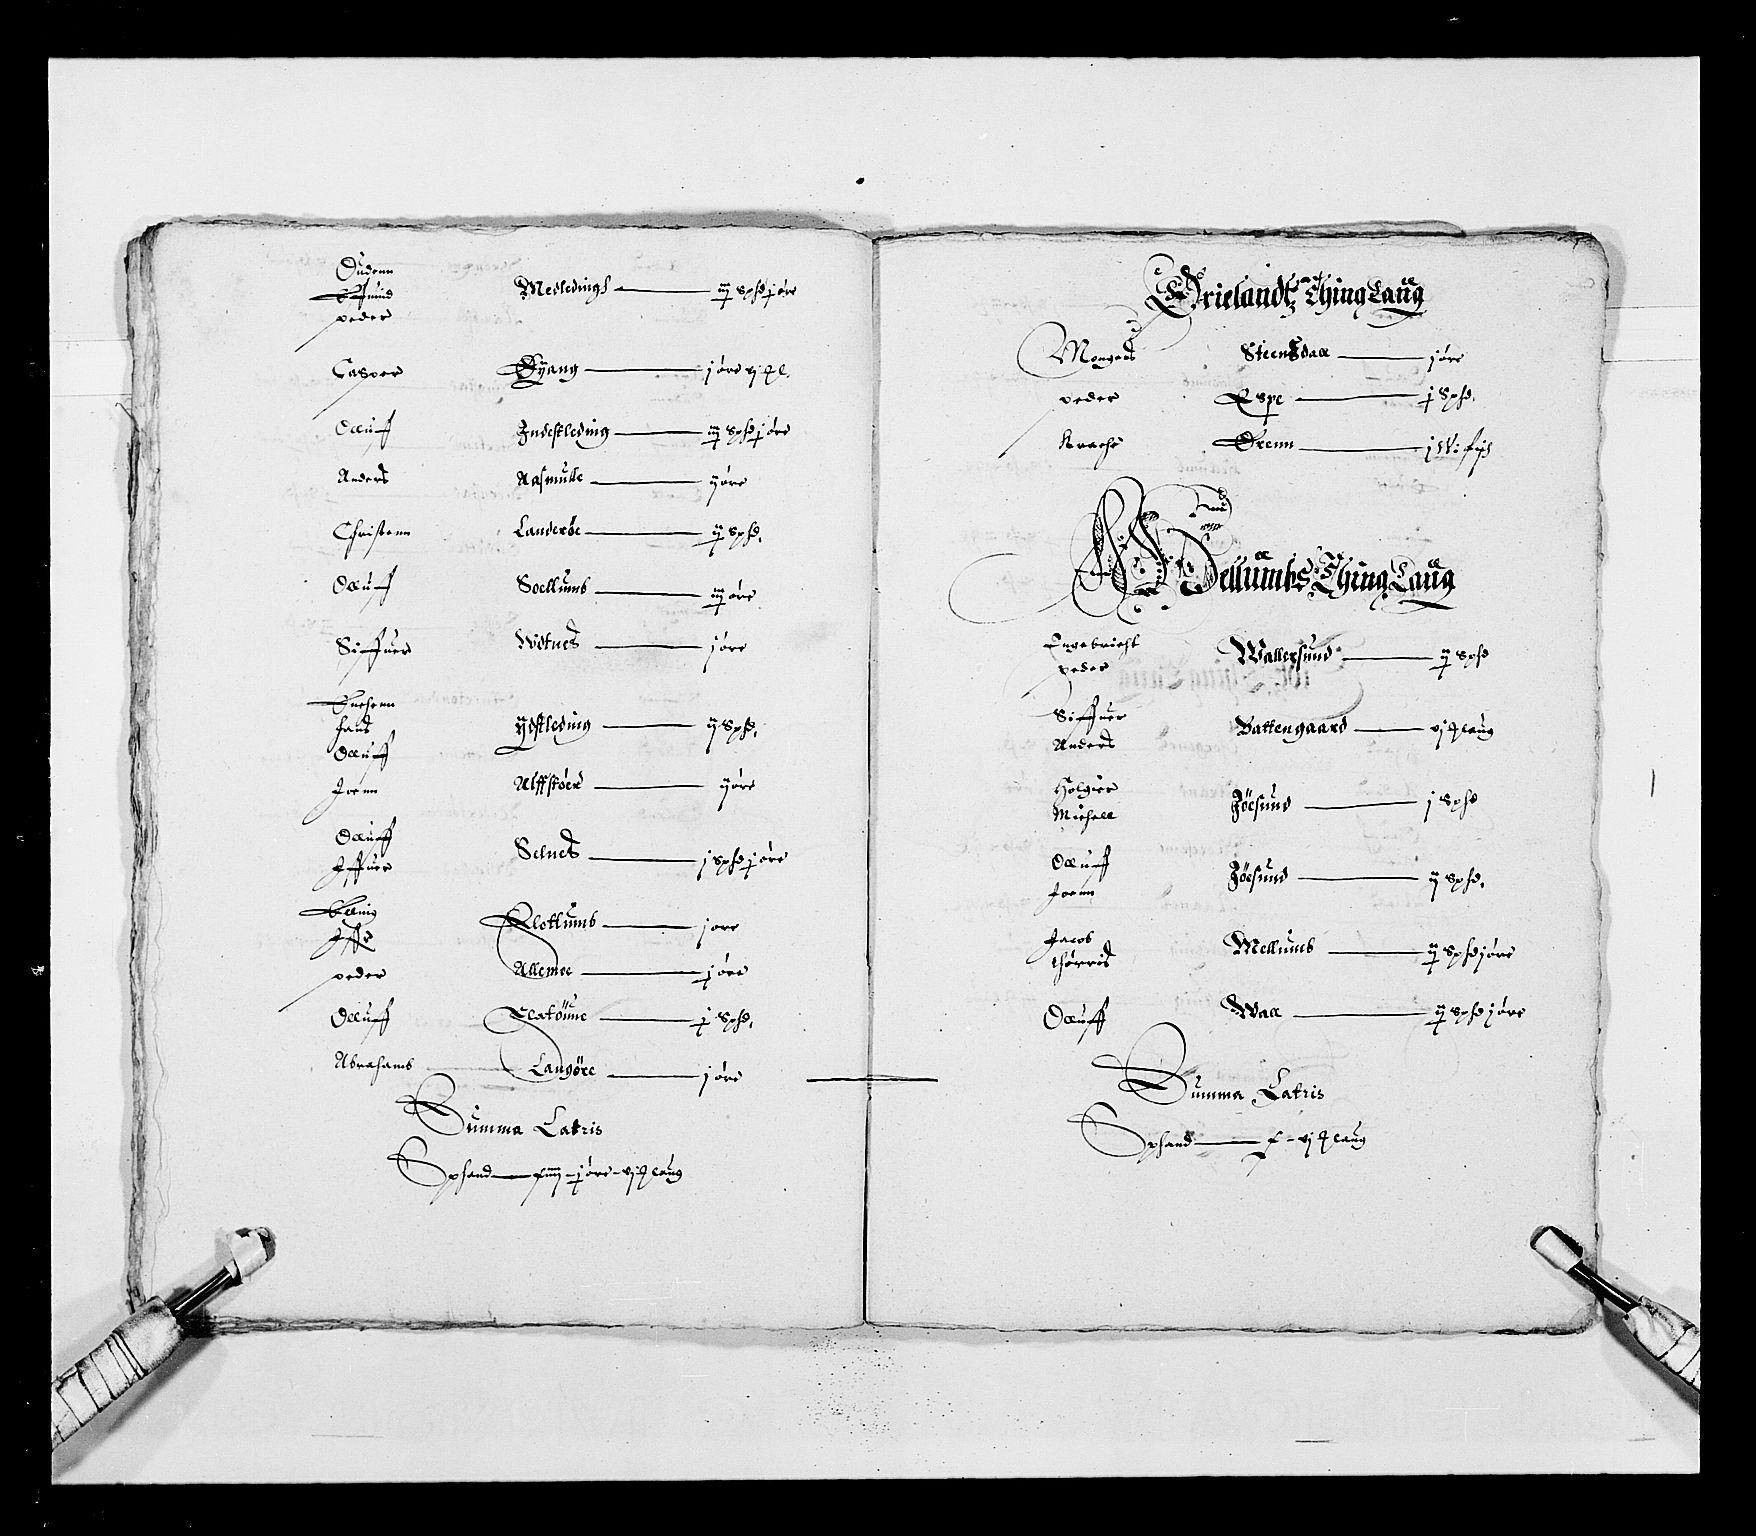 RA, Stattholderembetet 1572-1771, Ek/L0028: Jordebøker 1633-1658:, 1645-1646, s. 70